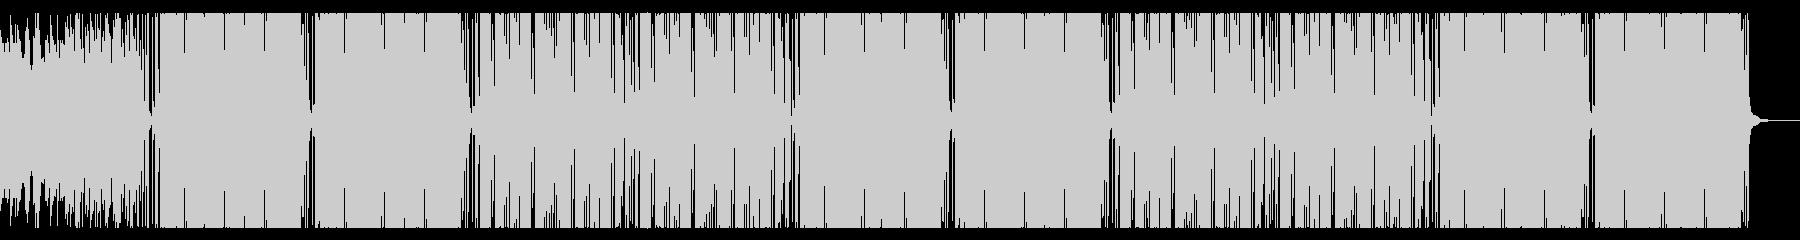 テクスチャー系アンビエントHipHopの未再生の波形